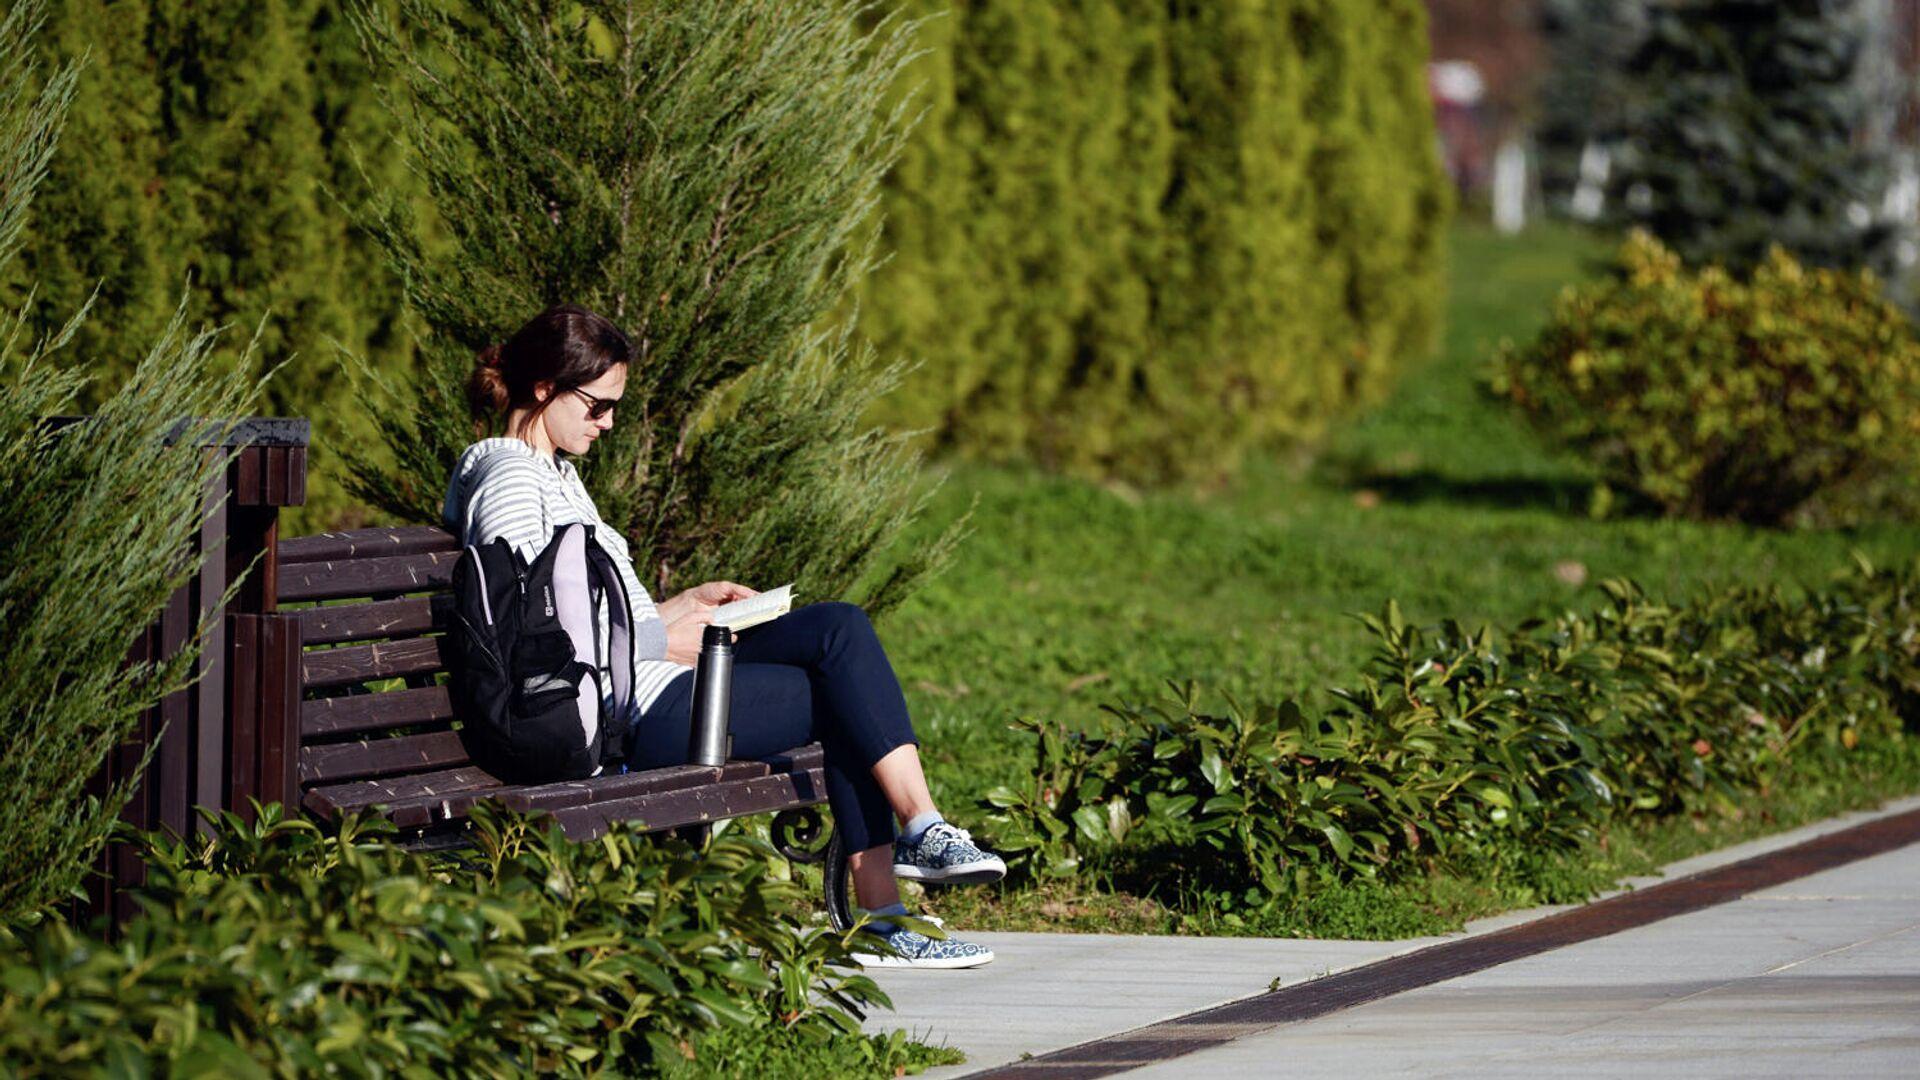 Девушка читает книгу на набережной - РИА Новости, 1920, 16.09.2020